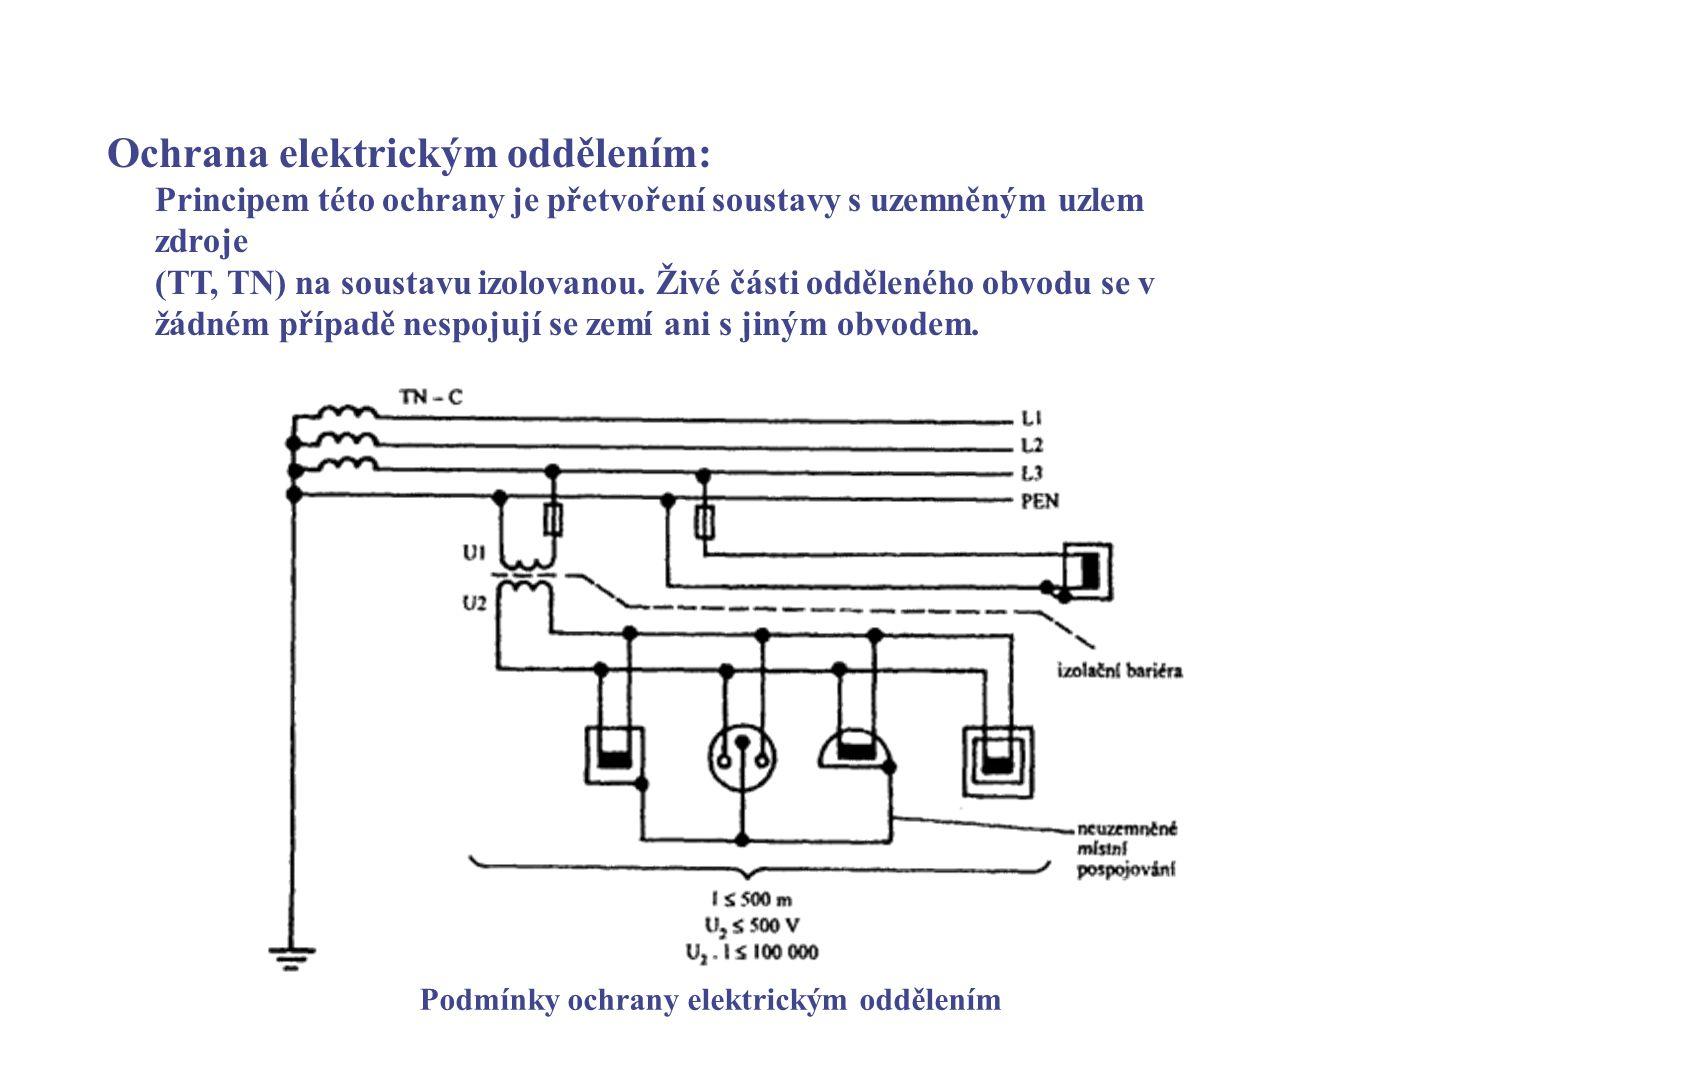 Ochrana elektrickým oddělením: Principem této ochrany je přetvoření soustavy s uzemněným uzlem zdroje (TT, TN) na soustavu izolovanou. Živé části oddě